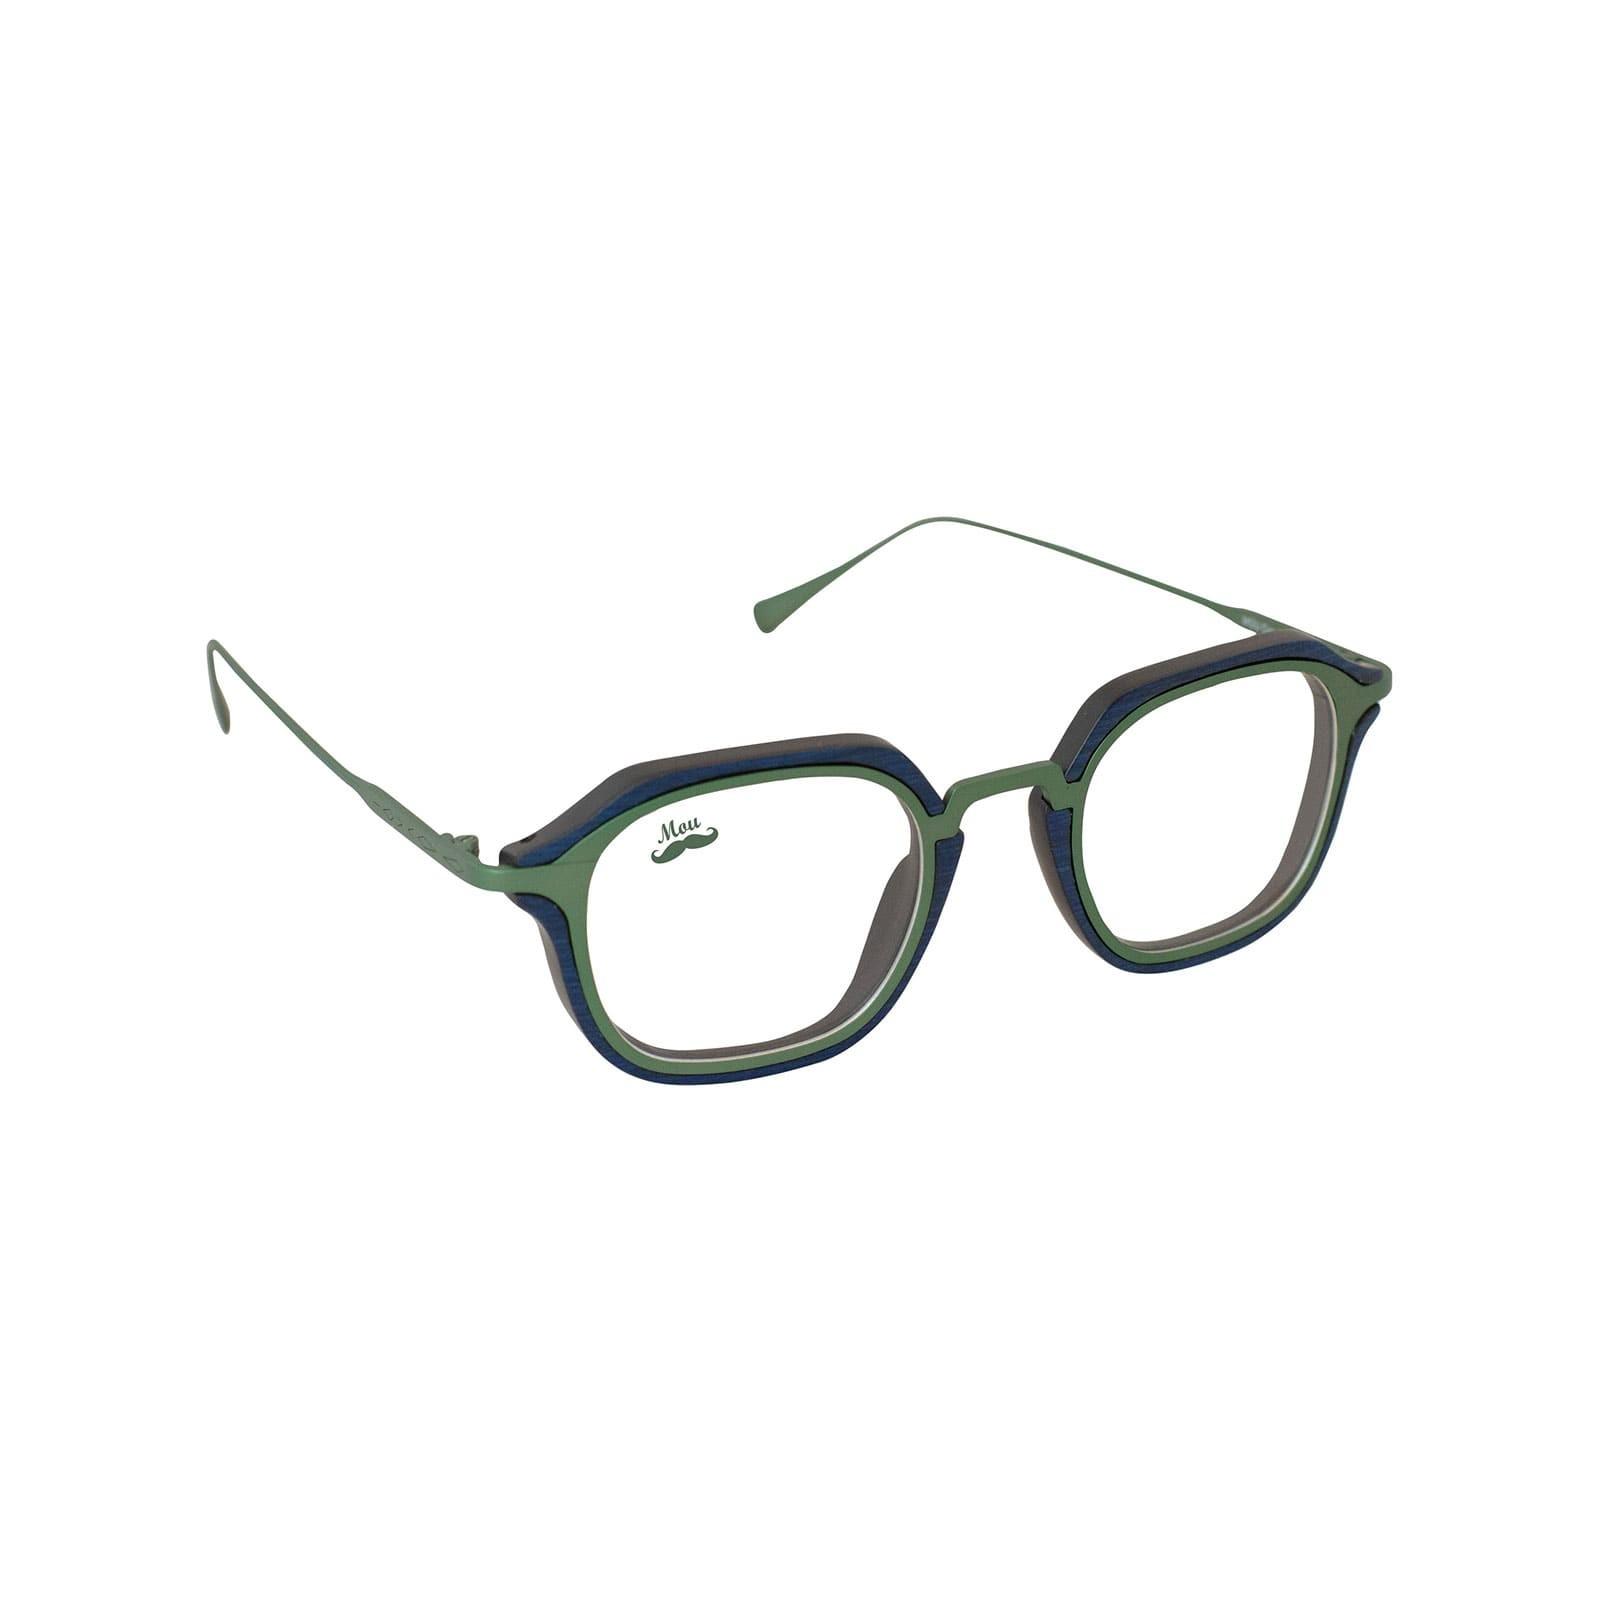 Lunettes en bois et titane vert - modèle optique Zerua EDEN COLLECTION